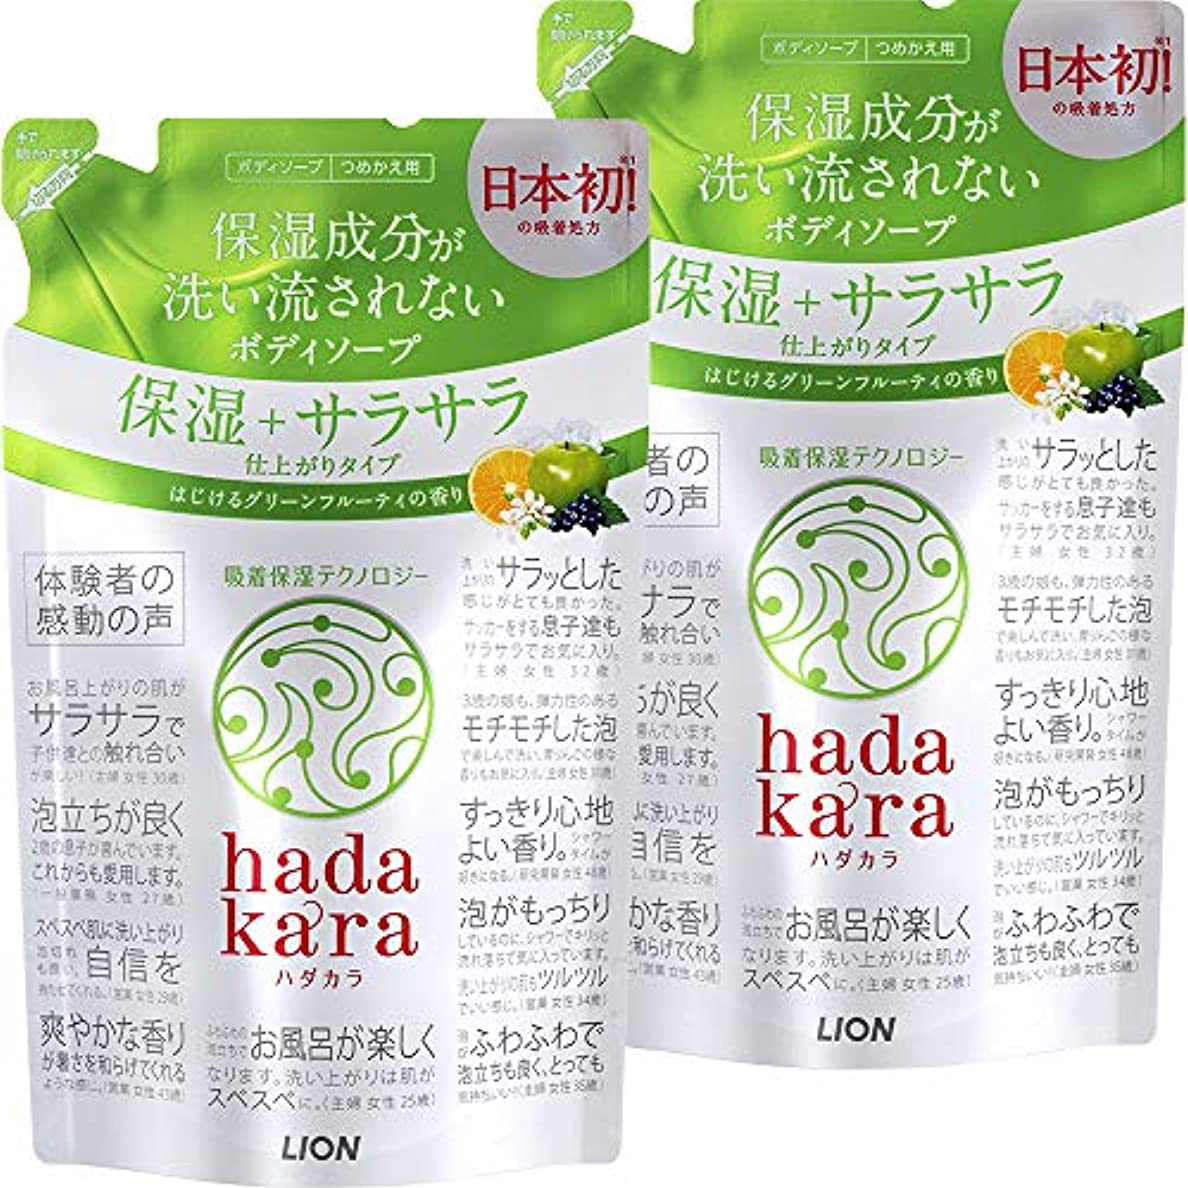 決済柔らかいどんなときも【まとめ買い】hadakara(ハダカラ) ボディソープ 保湿+サラサラ仕上がりタイプ グリーンフルーティの香り 詰め替え 340ml×2個パック